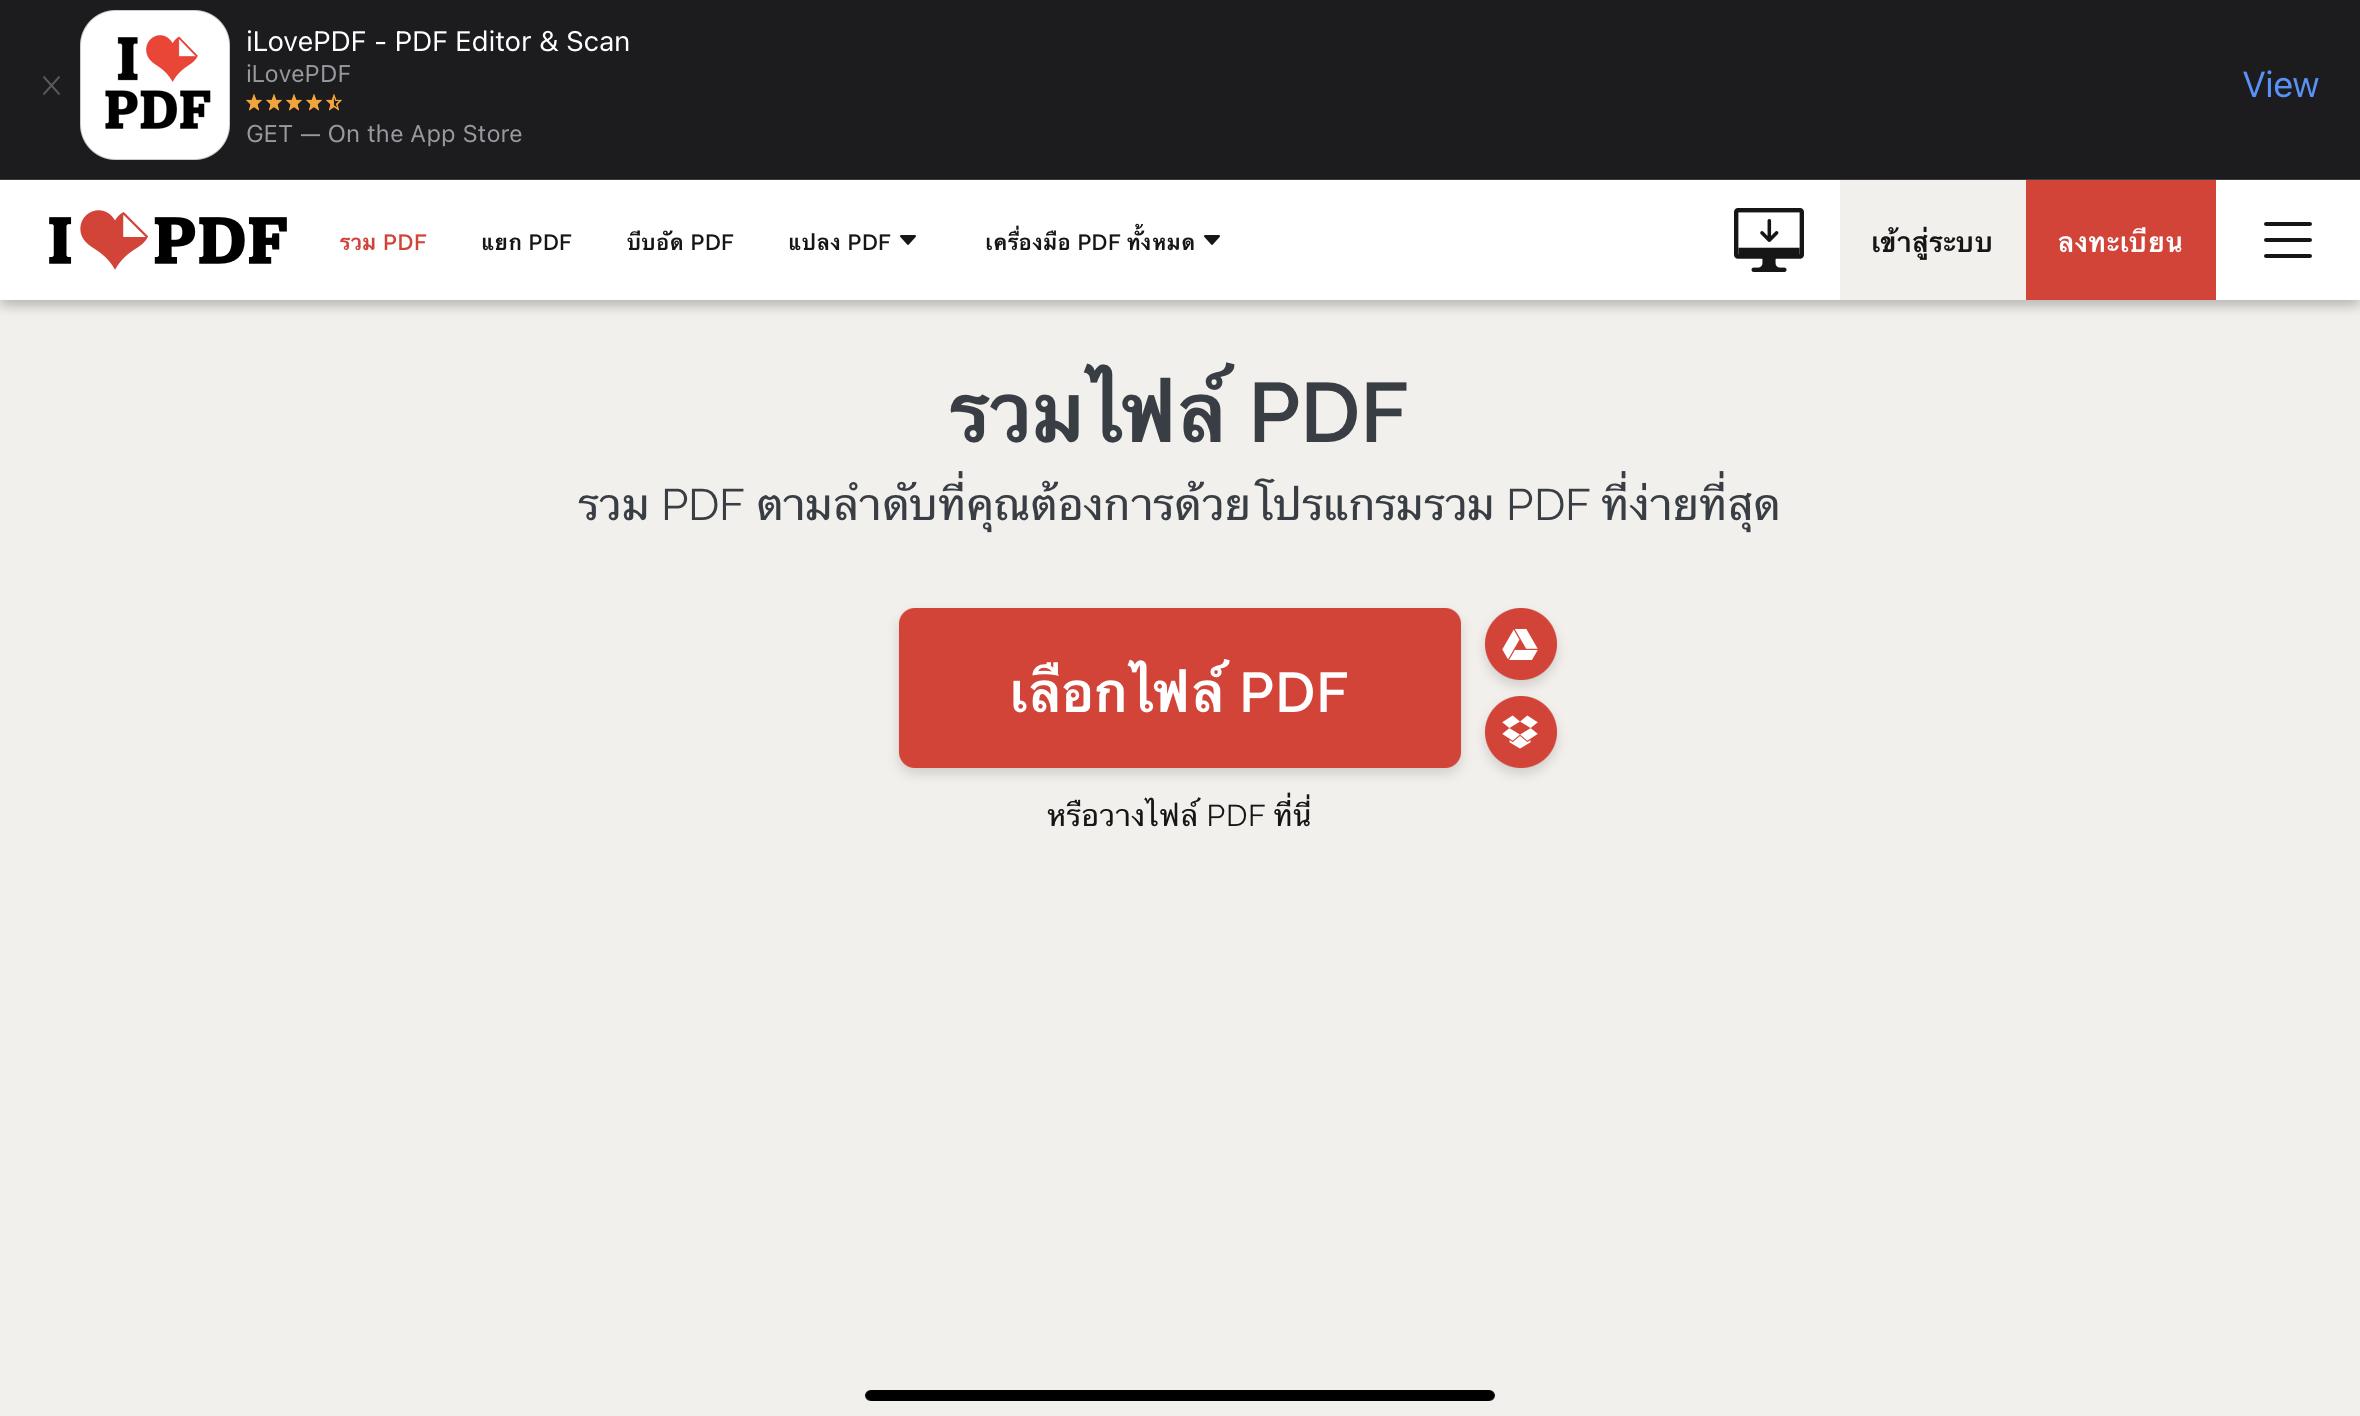 รวมไฟล์ PDF ออนไลน์